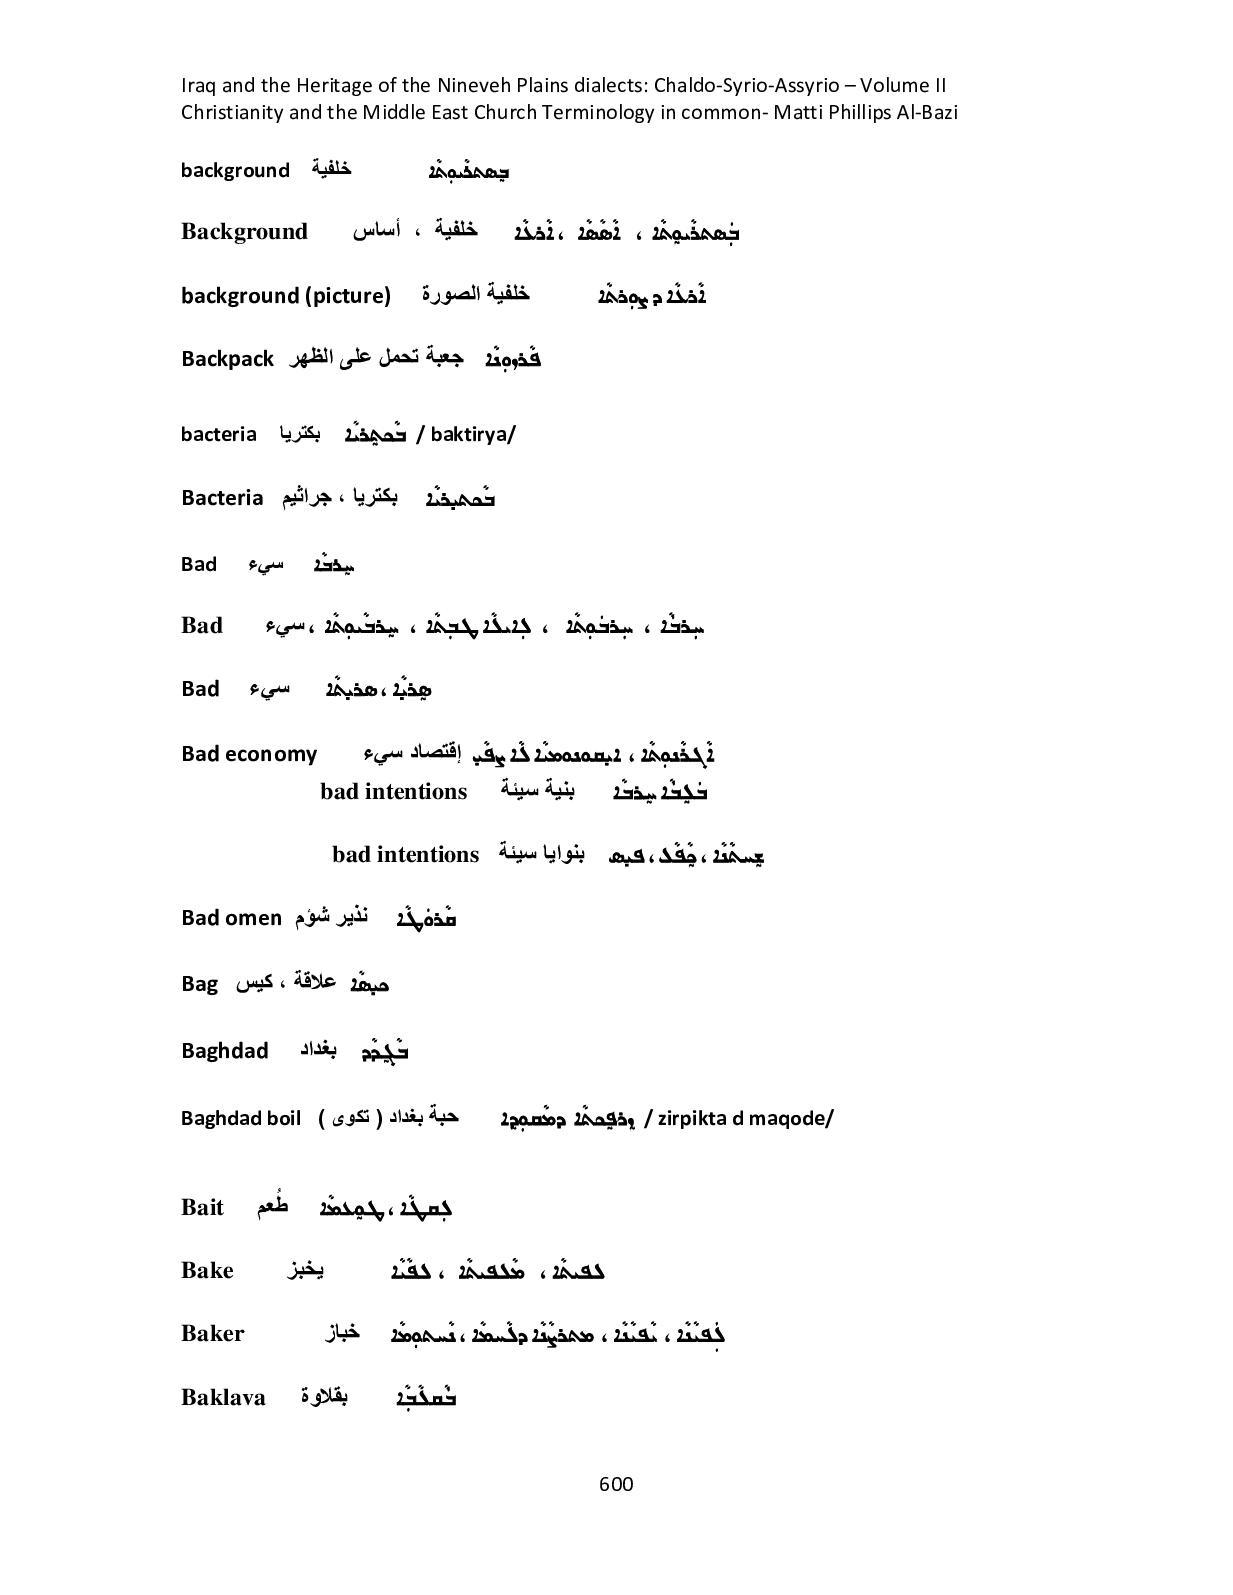 Calaméo العراق وتراث سهل نينوى Ii ج3